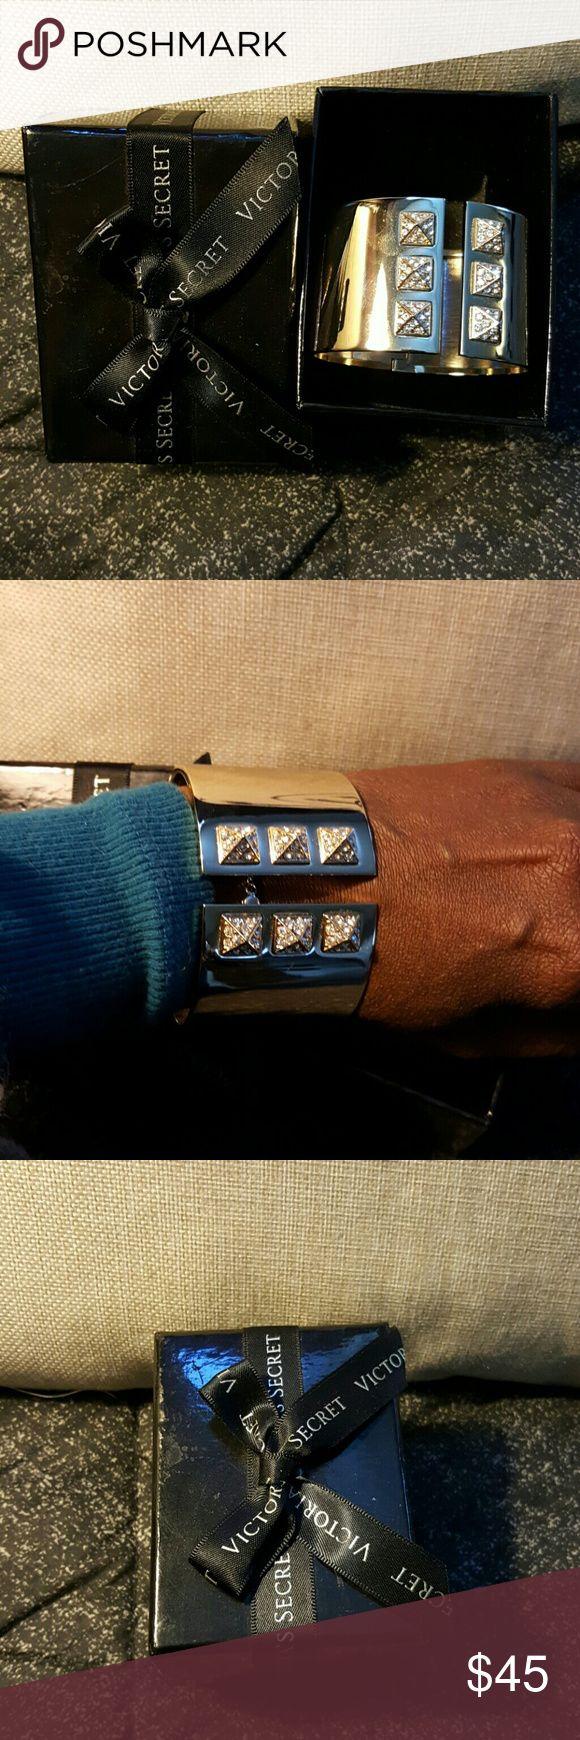 Victory secret bracelet Brand new,gorgeous including box Jewelry Bracelets